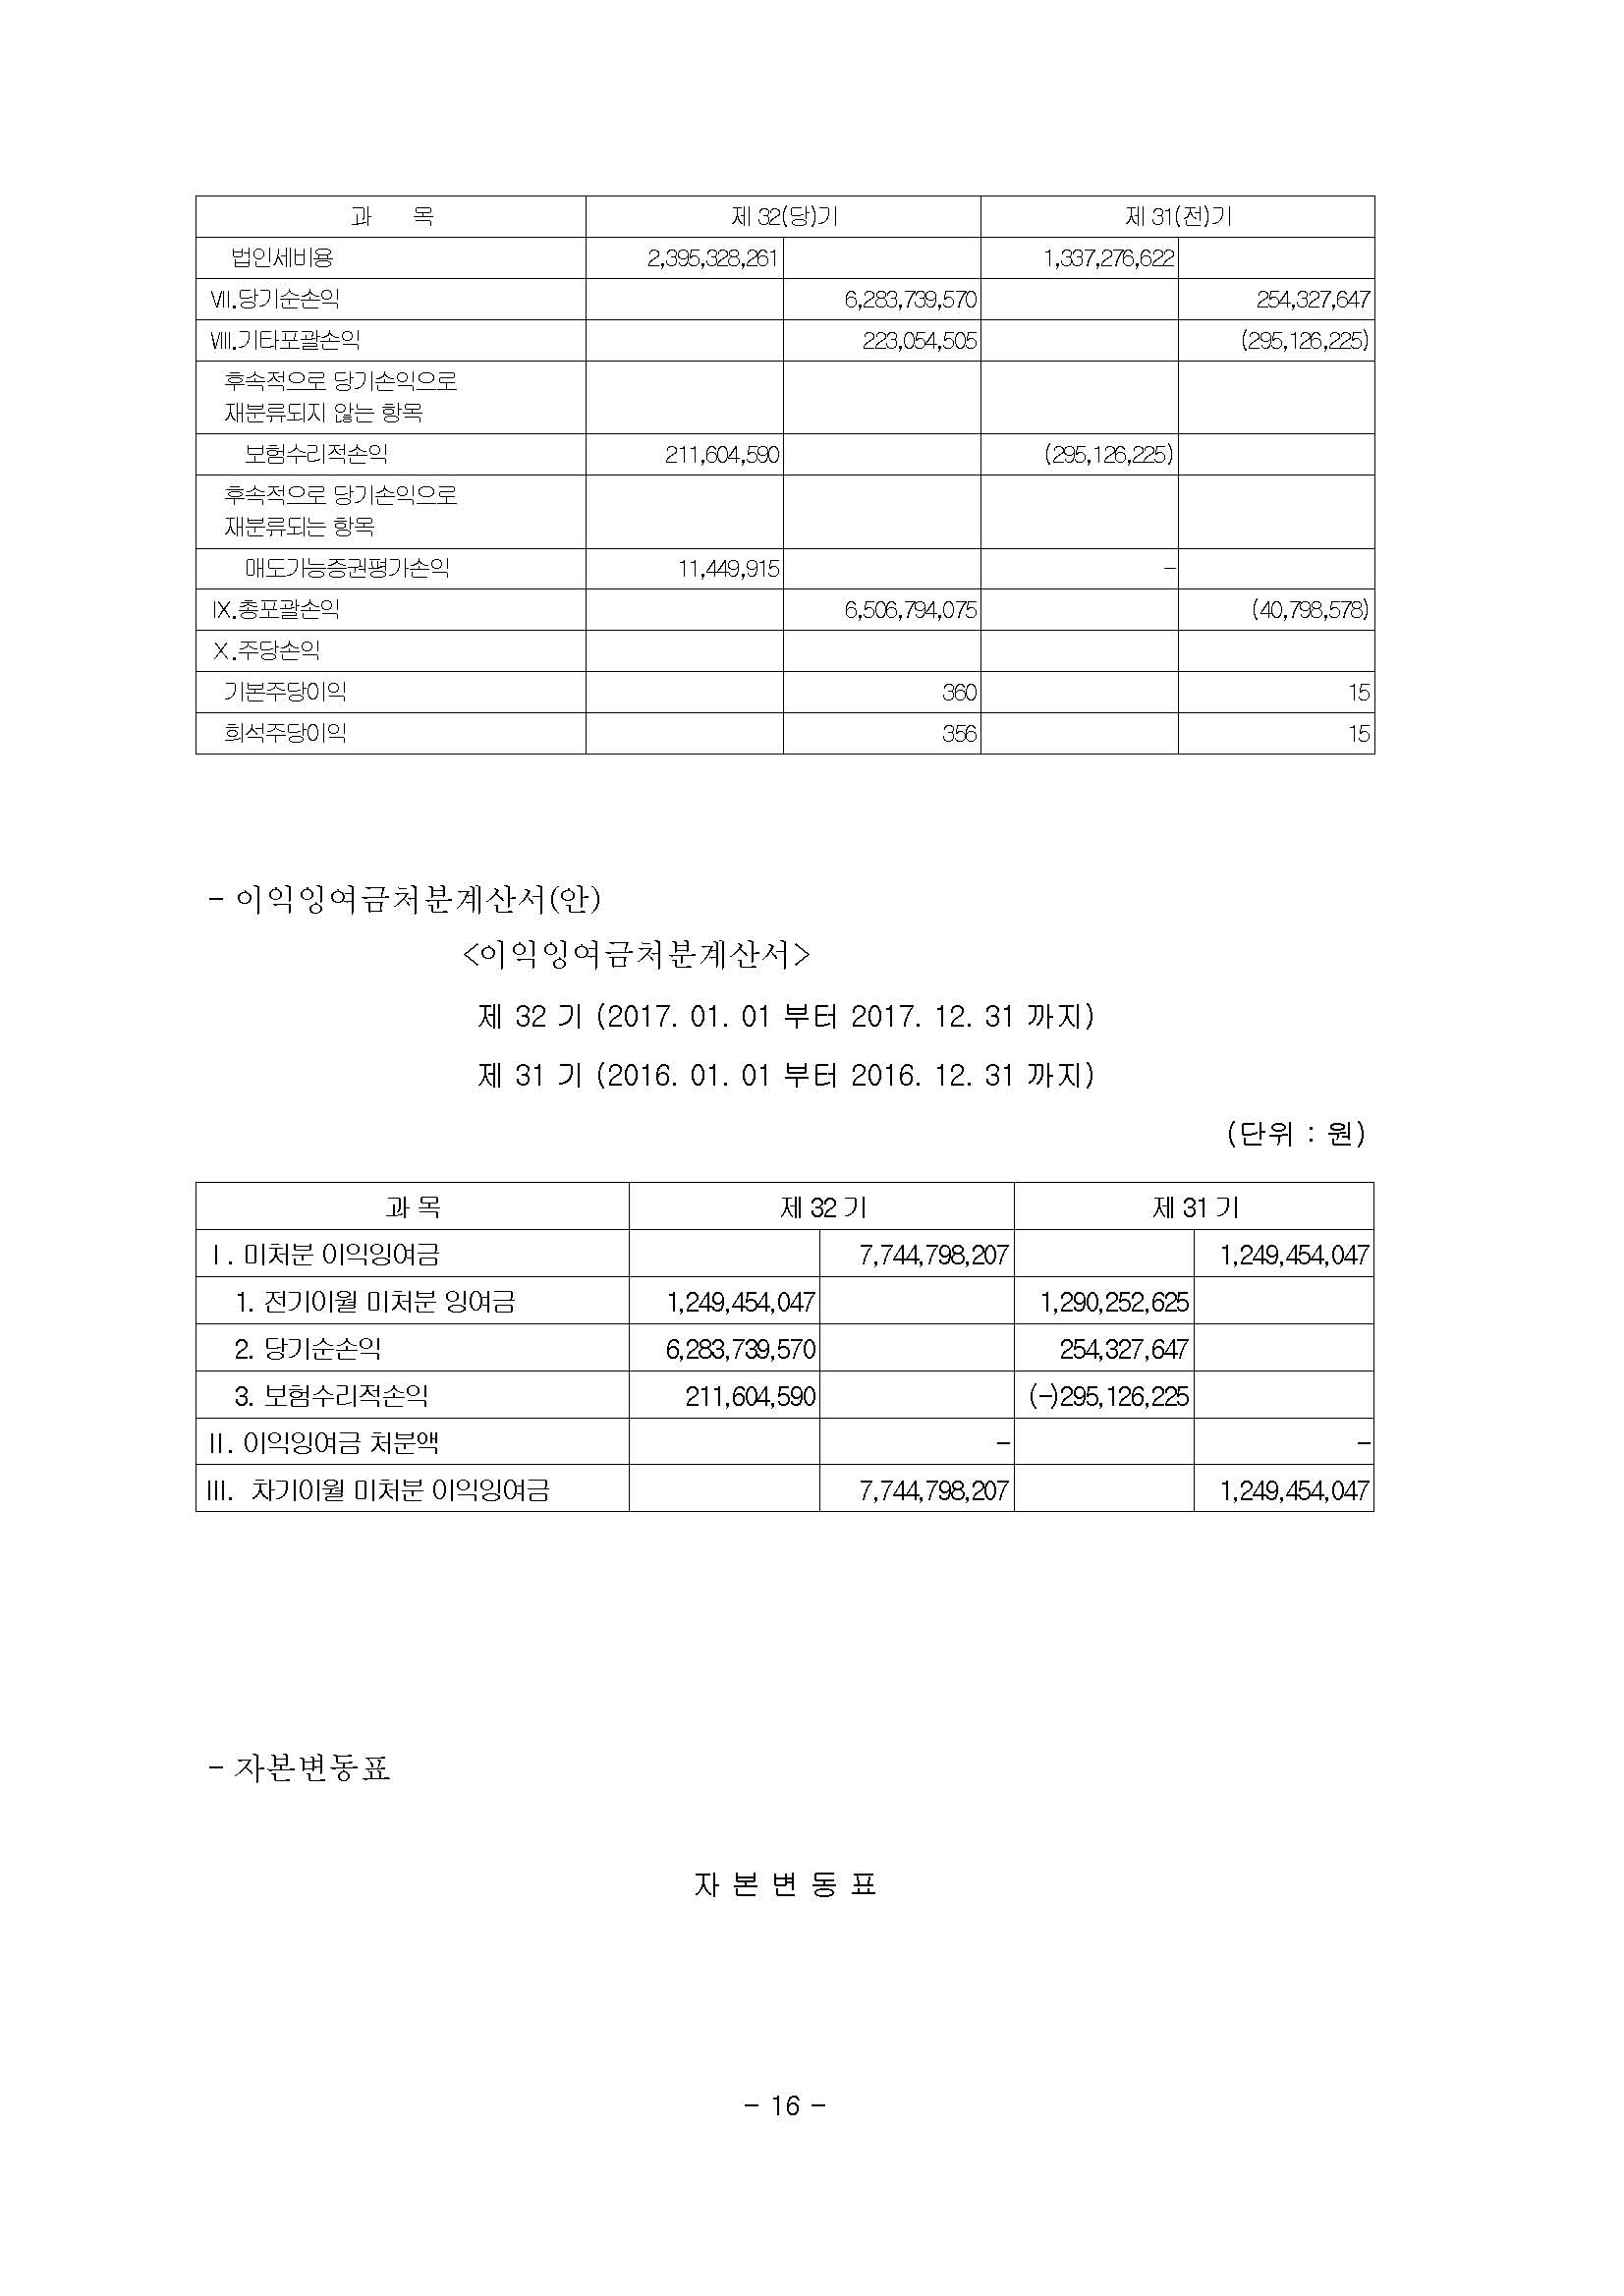 20180309 주주총회소집공고-바이오스마트_페이지_17.jpg